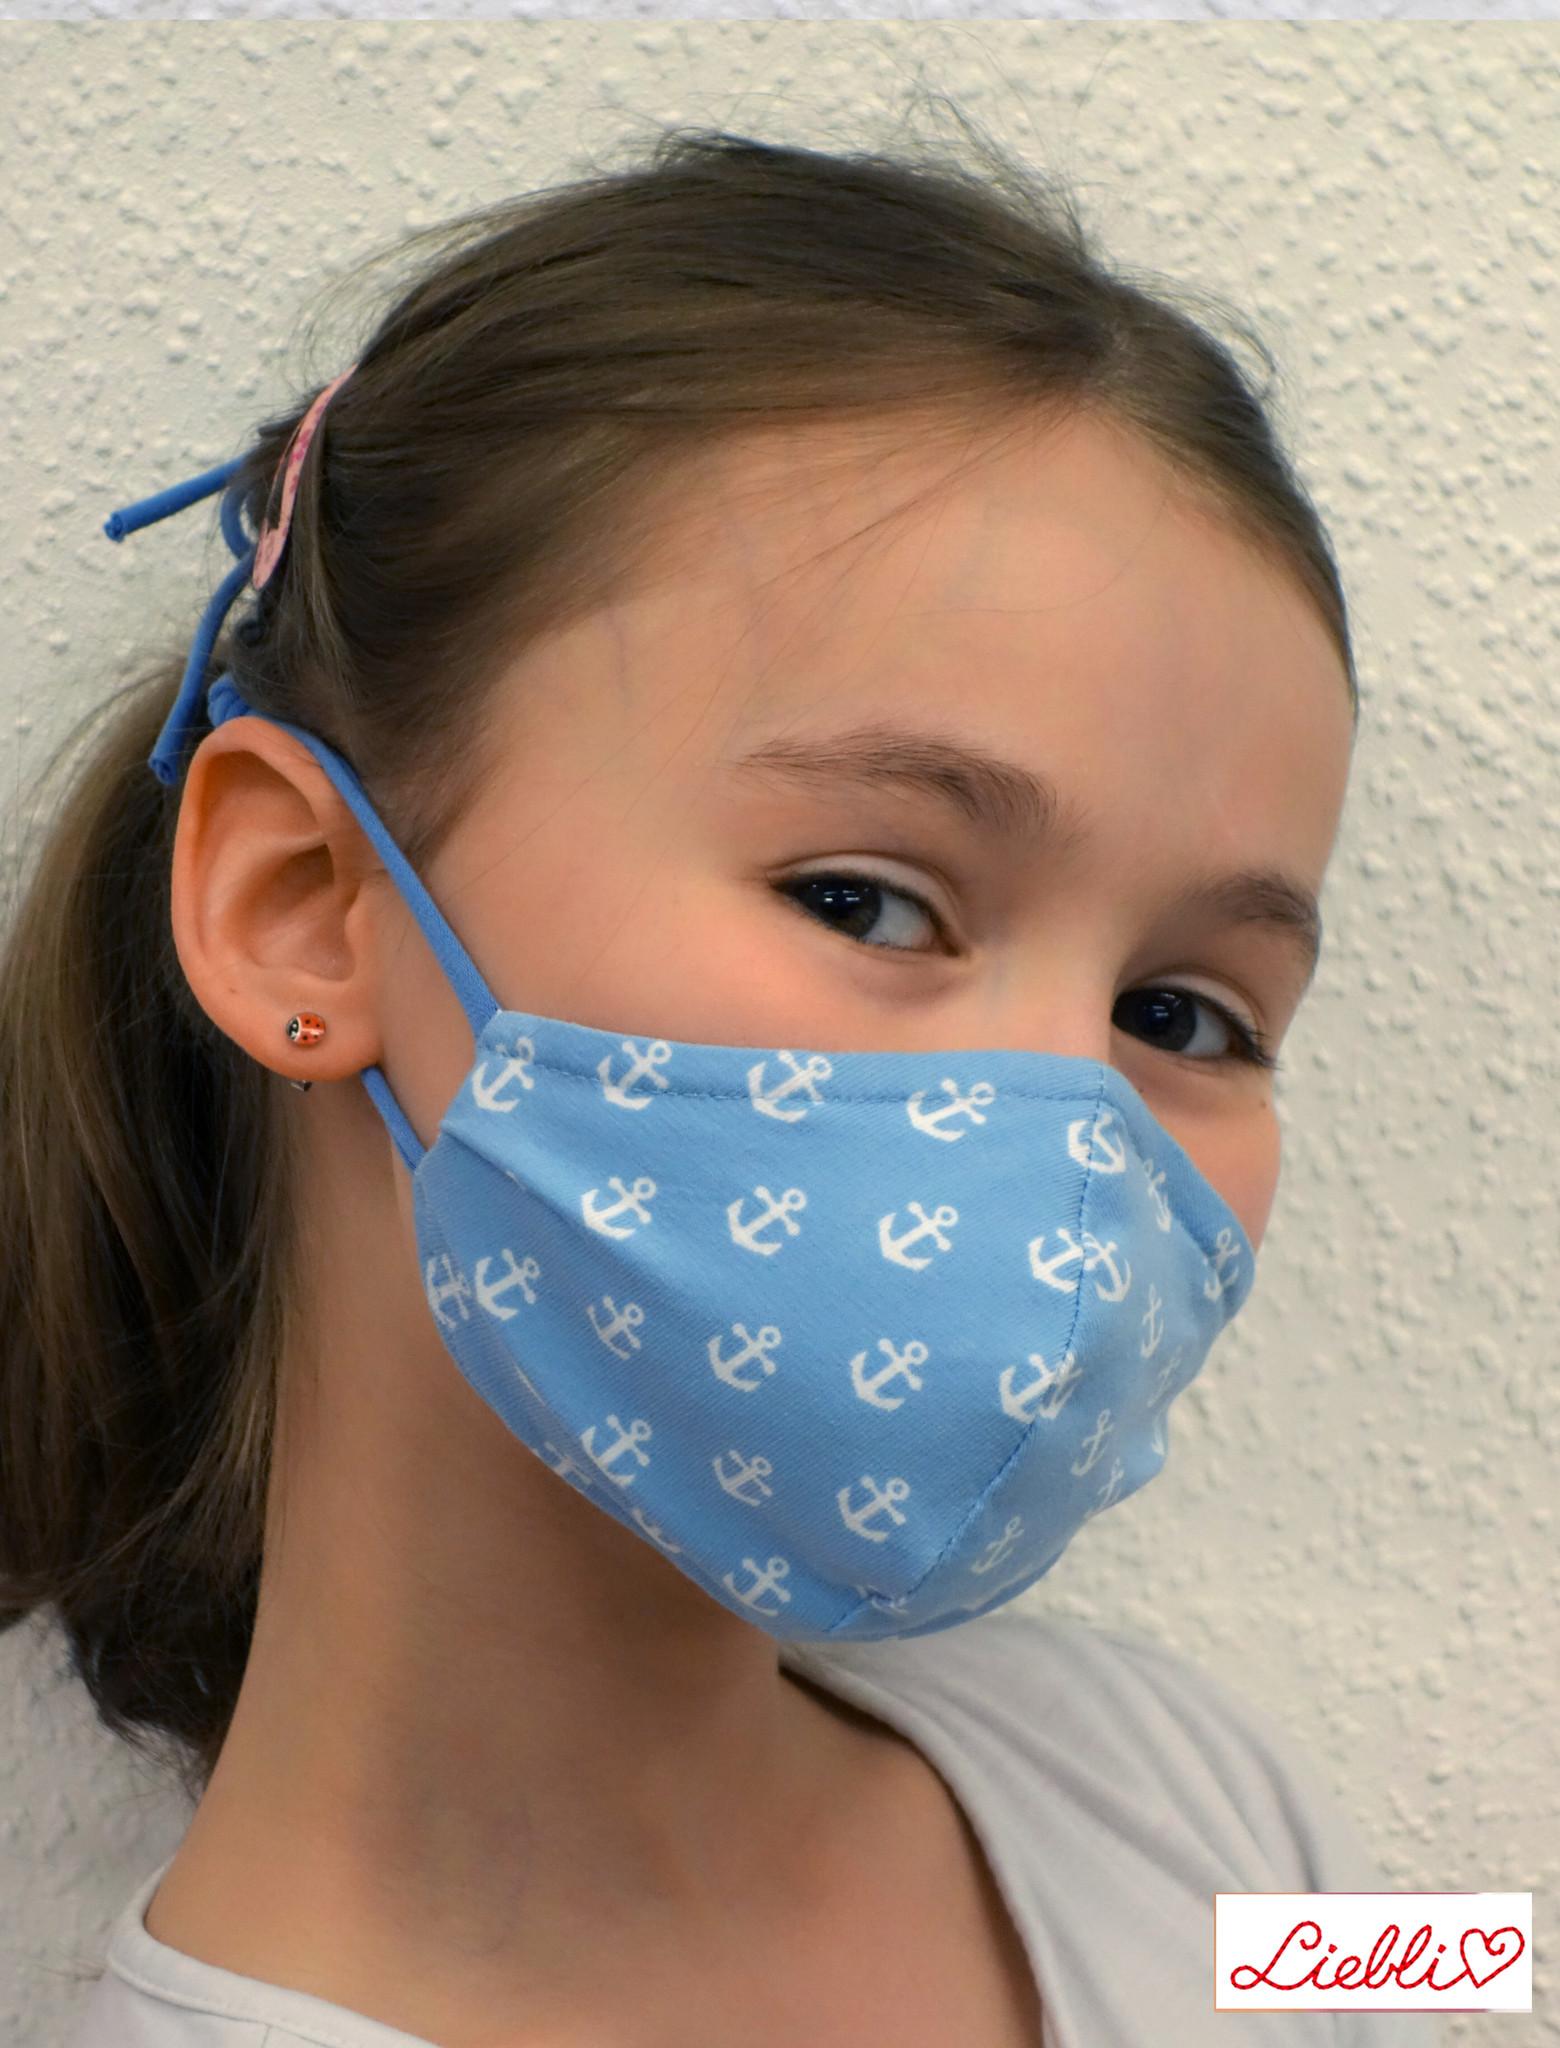 Kindermaske, Kinder Mundschutz, Mund-Nasen-Maske Anker hellblau